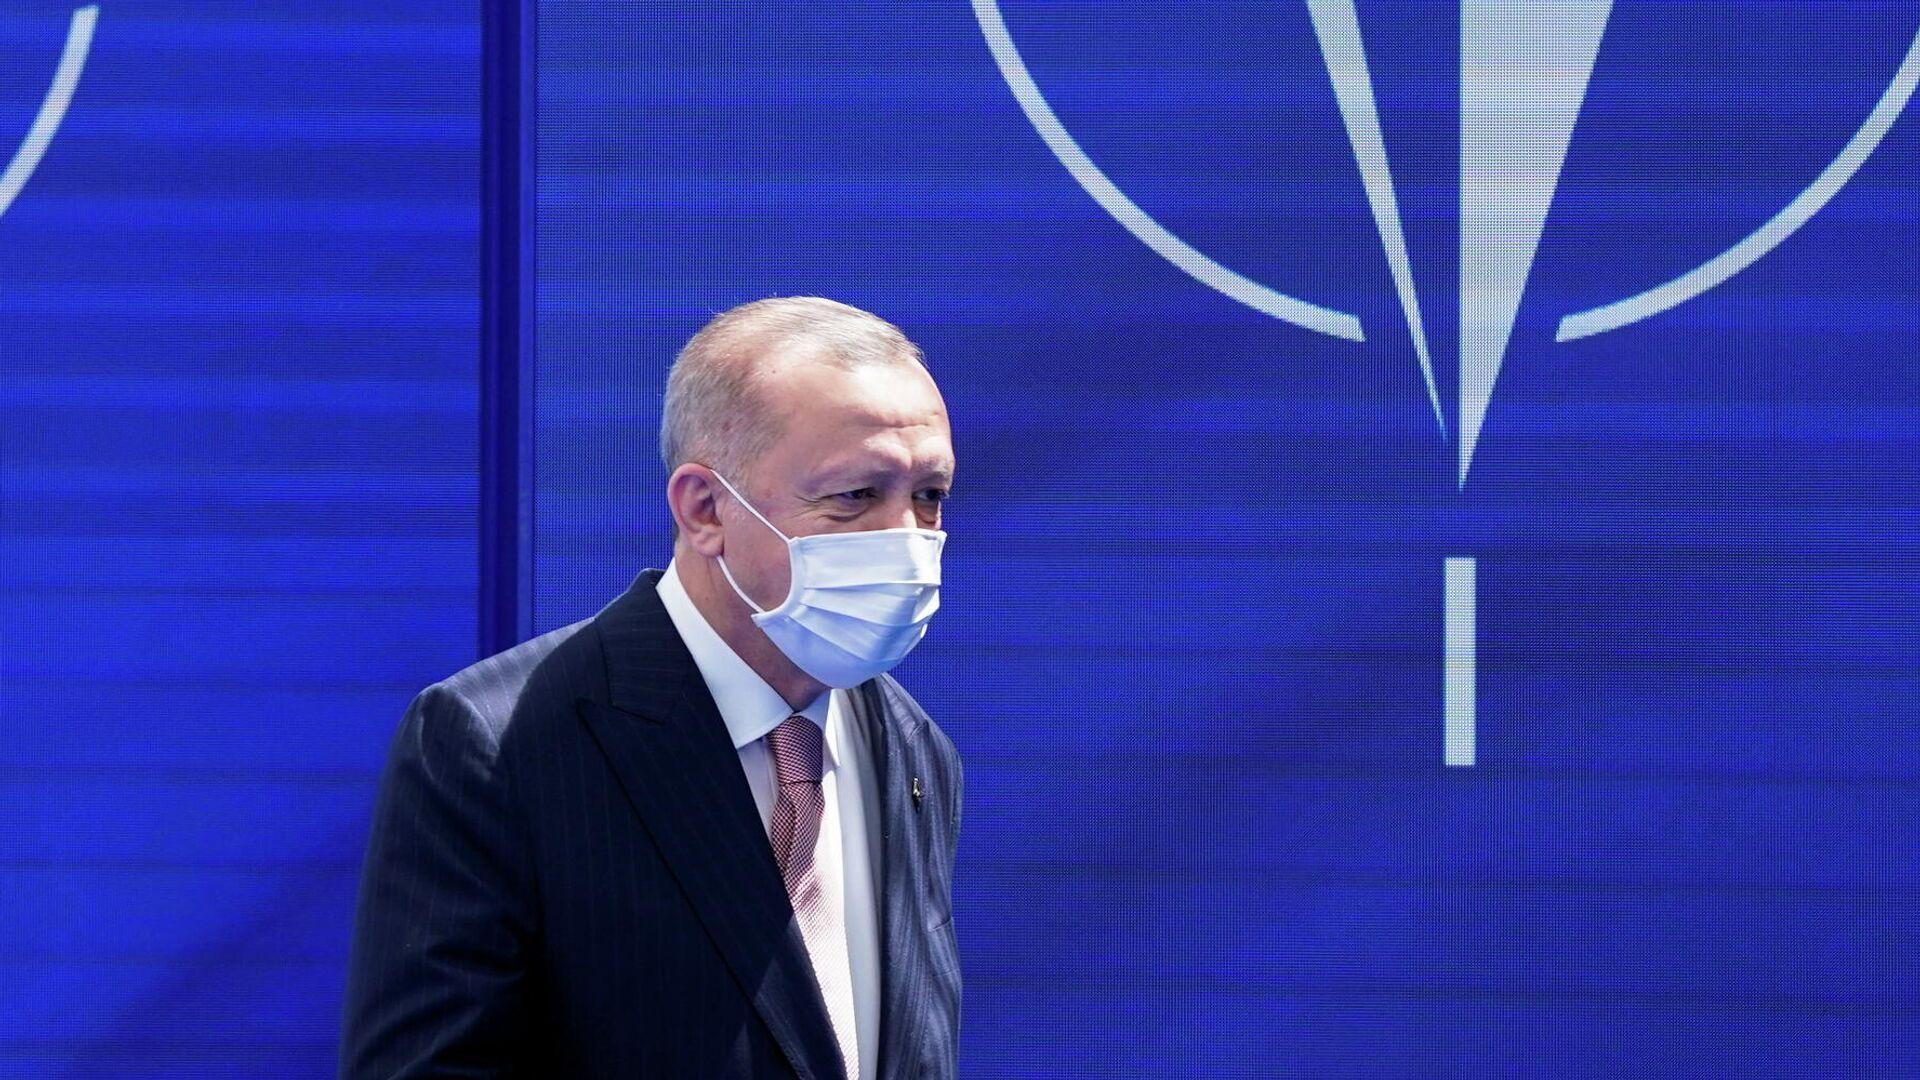 Президент Турции Реджеп Тайип Эрдоган на саммите НАТО в штаб-квартире в Брюсселе - РИА Новости, 1920, 26.06.2021